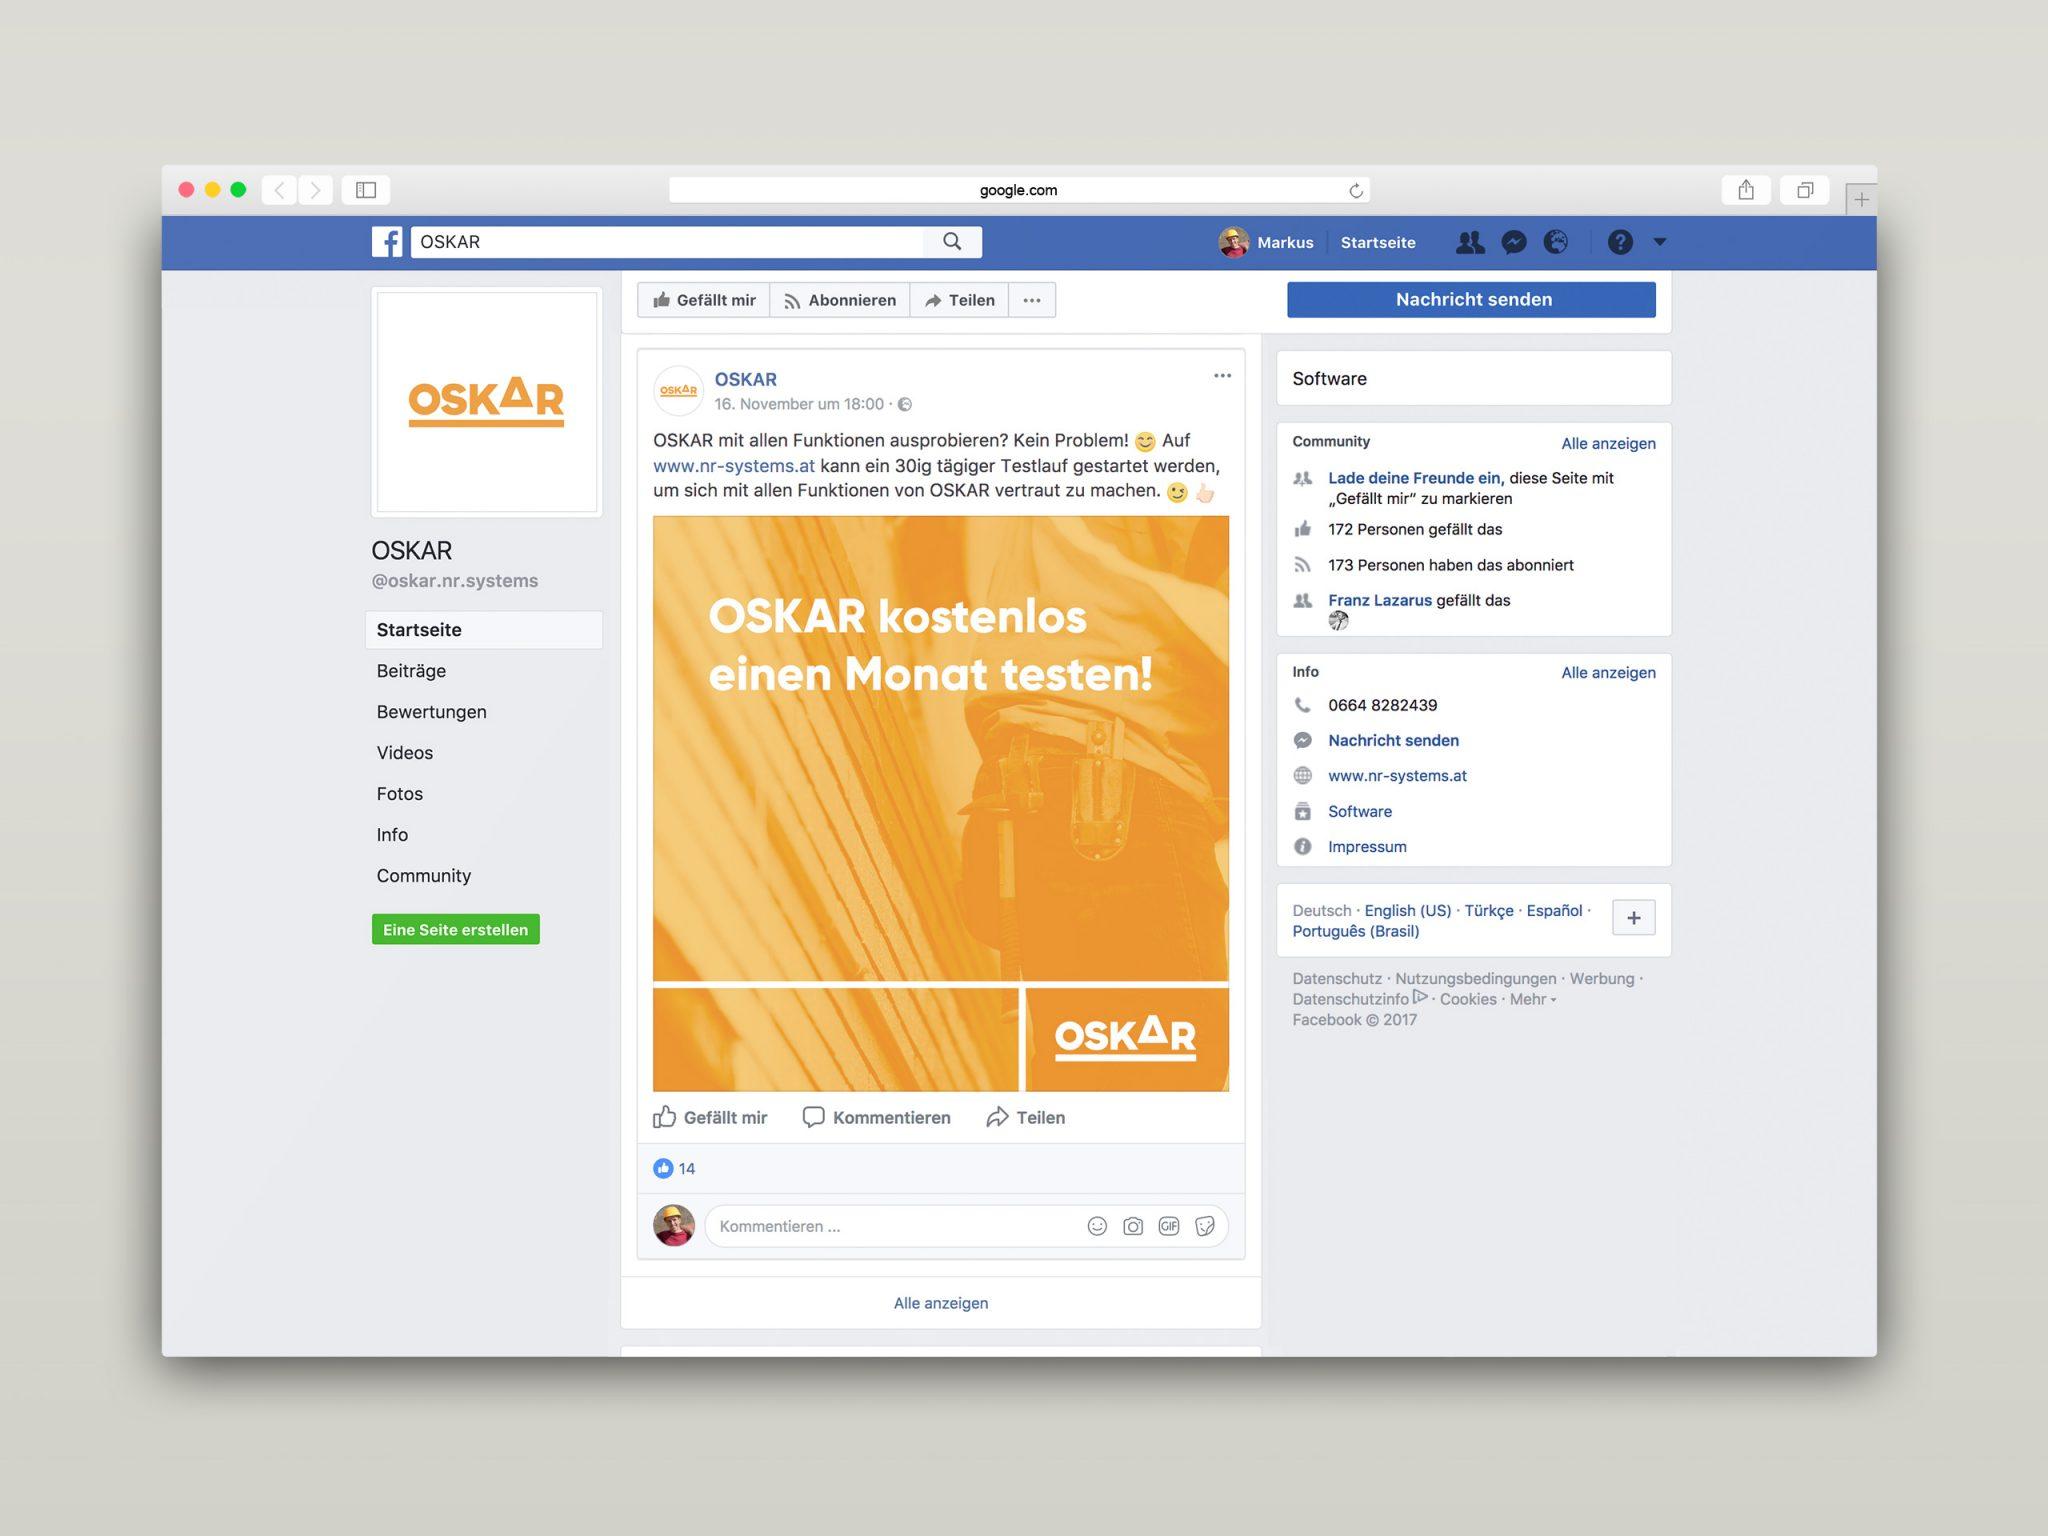 OSK-Facebook-Browser-02_content01